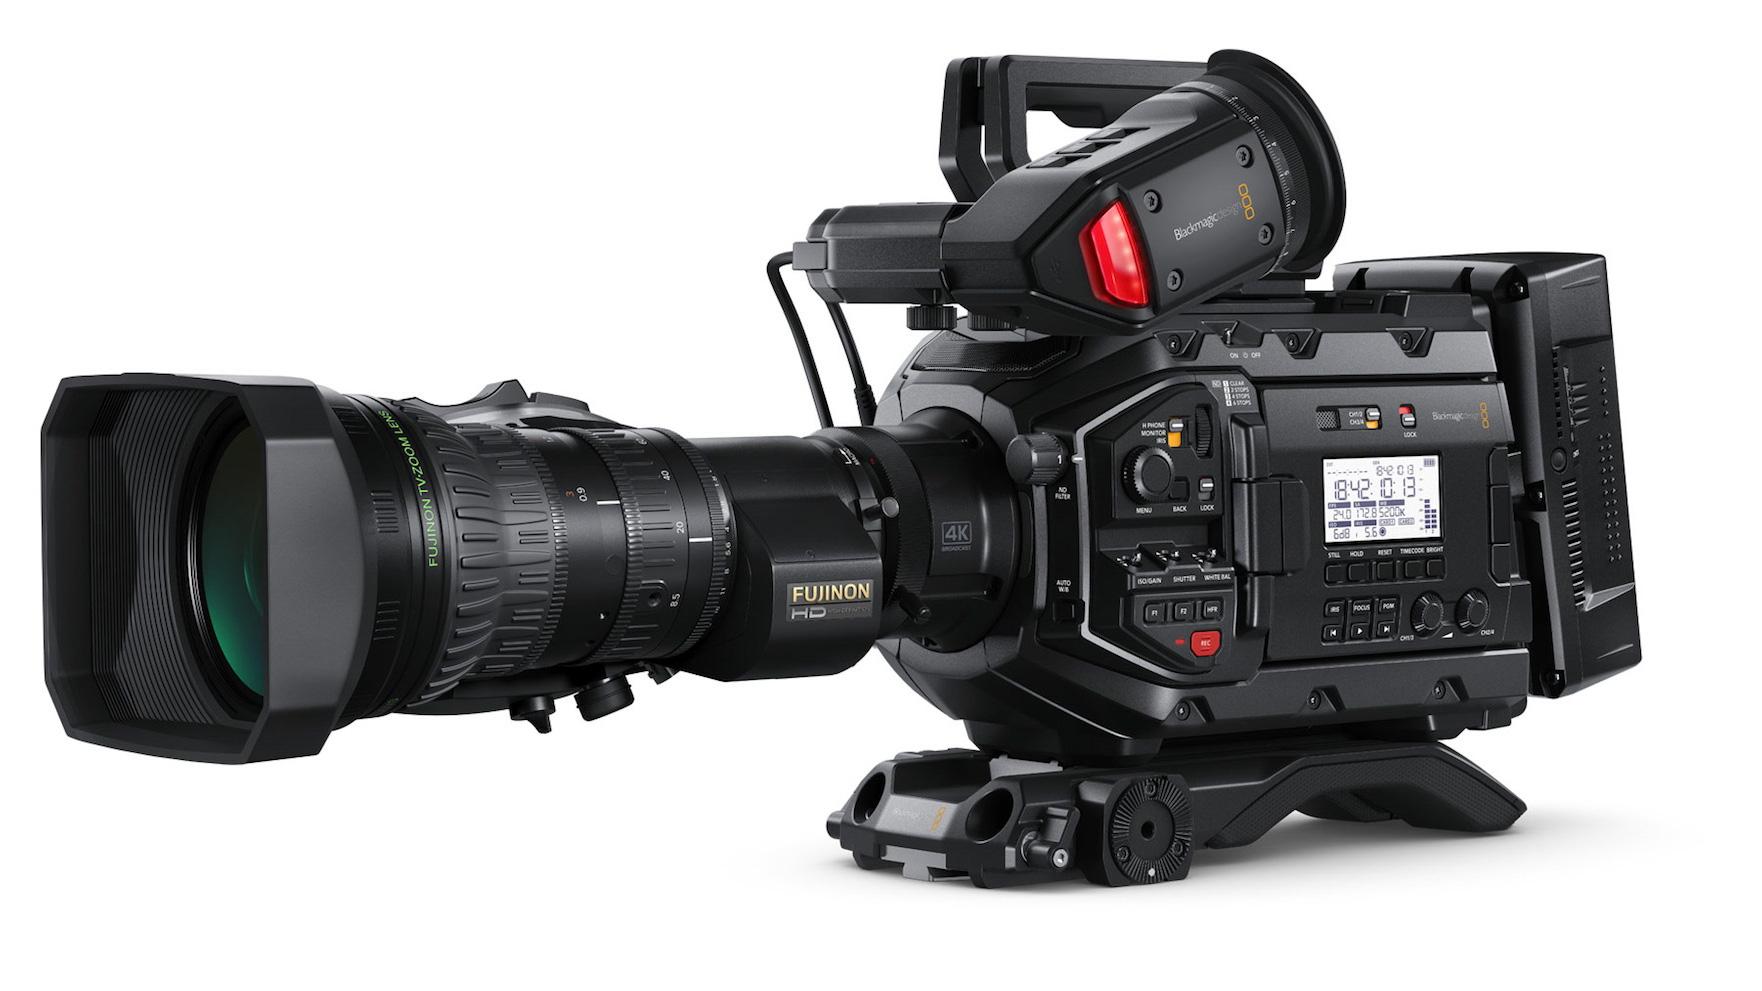 ブラックマジックデザインがURSA Broadcastを発表 - $3,500の4Kライブプロダクションカメラ